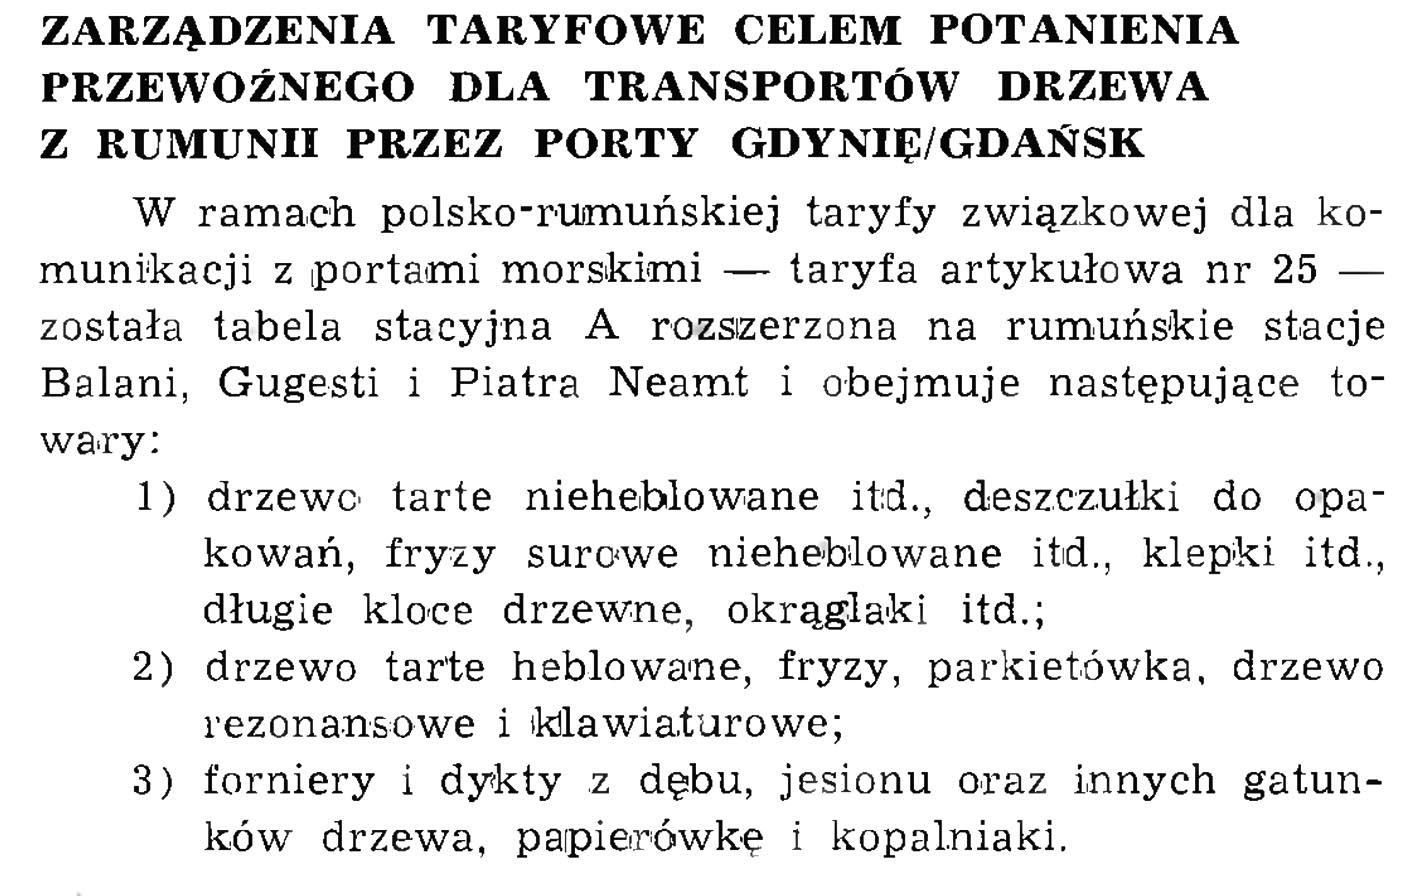 Zarządzenia taryfowe celem potanienia przewoźnego dla transportów drzewa z Rumunii przez porty Gdynię/Gdańsk